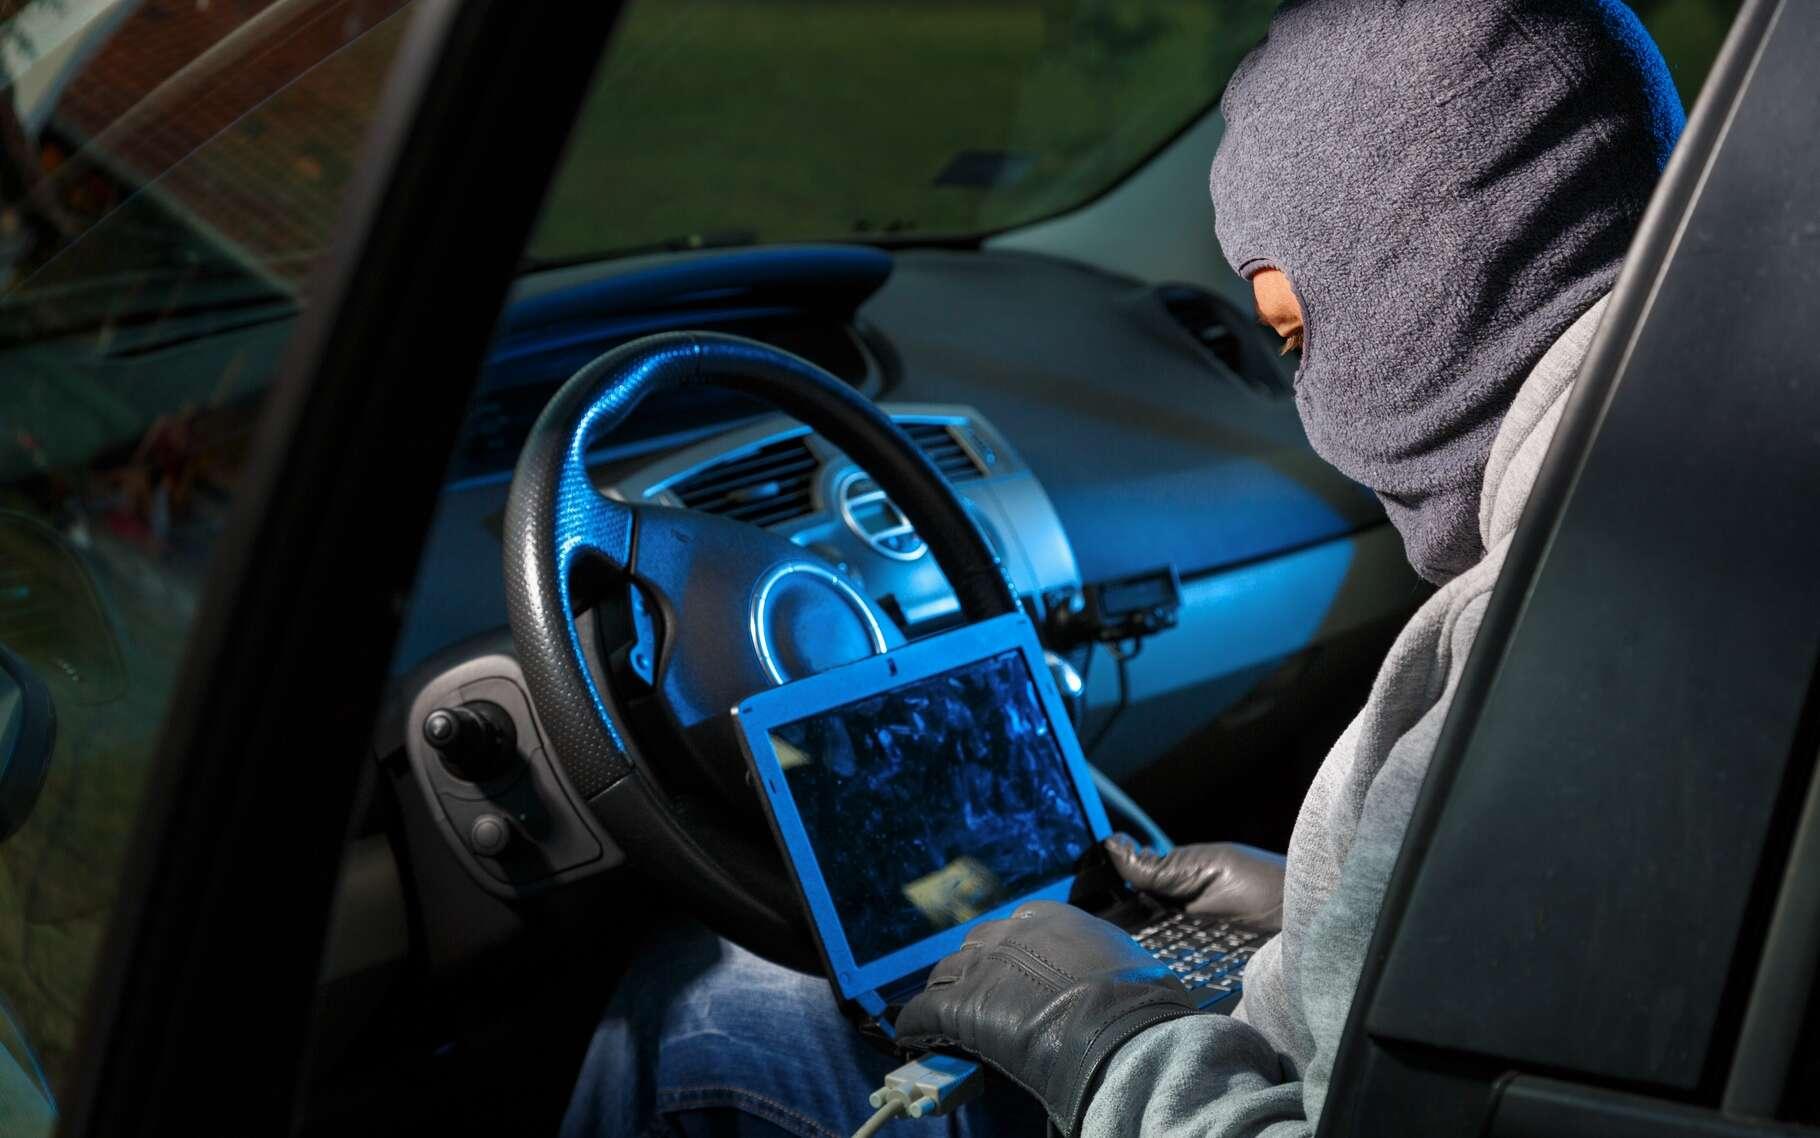 À l'image de ce qui se passe avec les ordinateurs, la sécurité des systèmes informatiques des véhicules est en train de devenir un enjeu crucial. © Dejan Dundjerski, Shutterstock